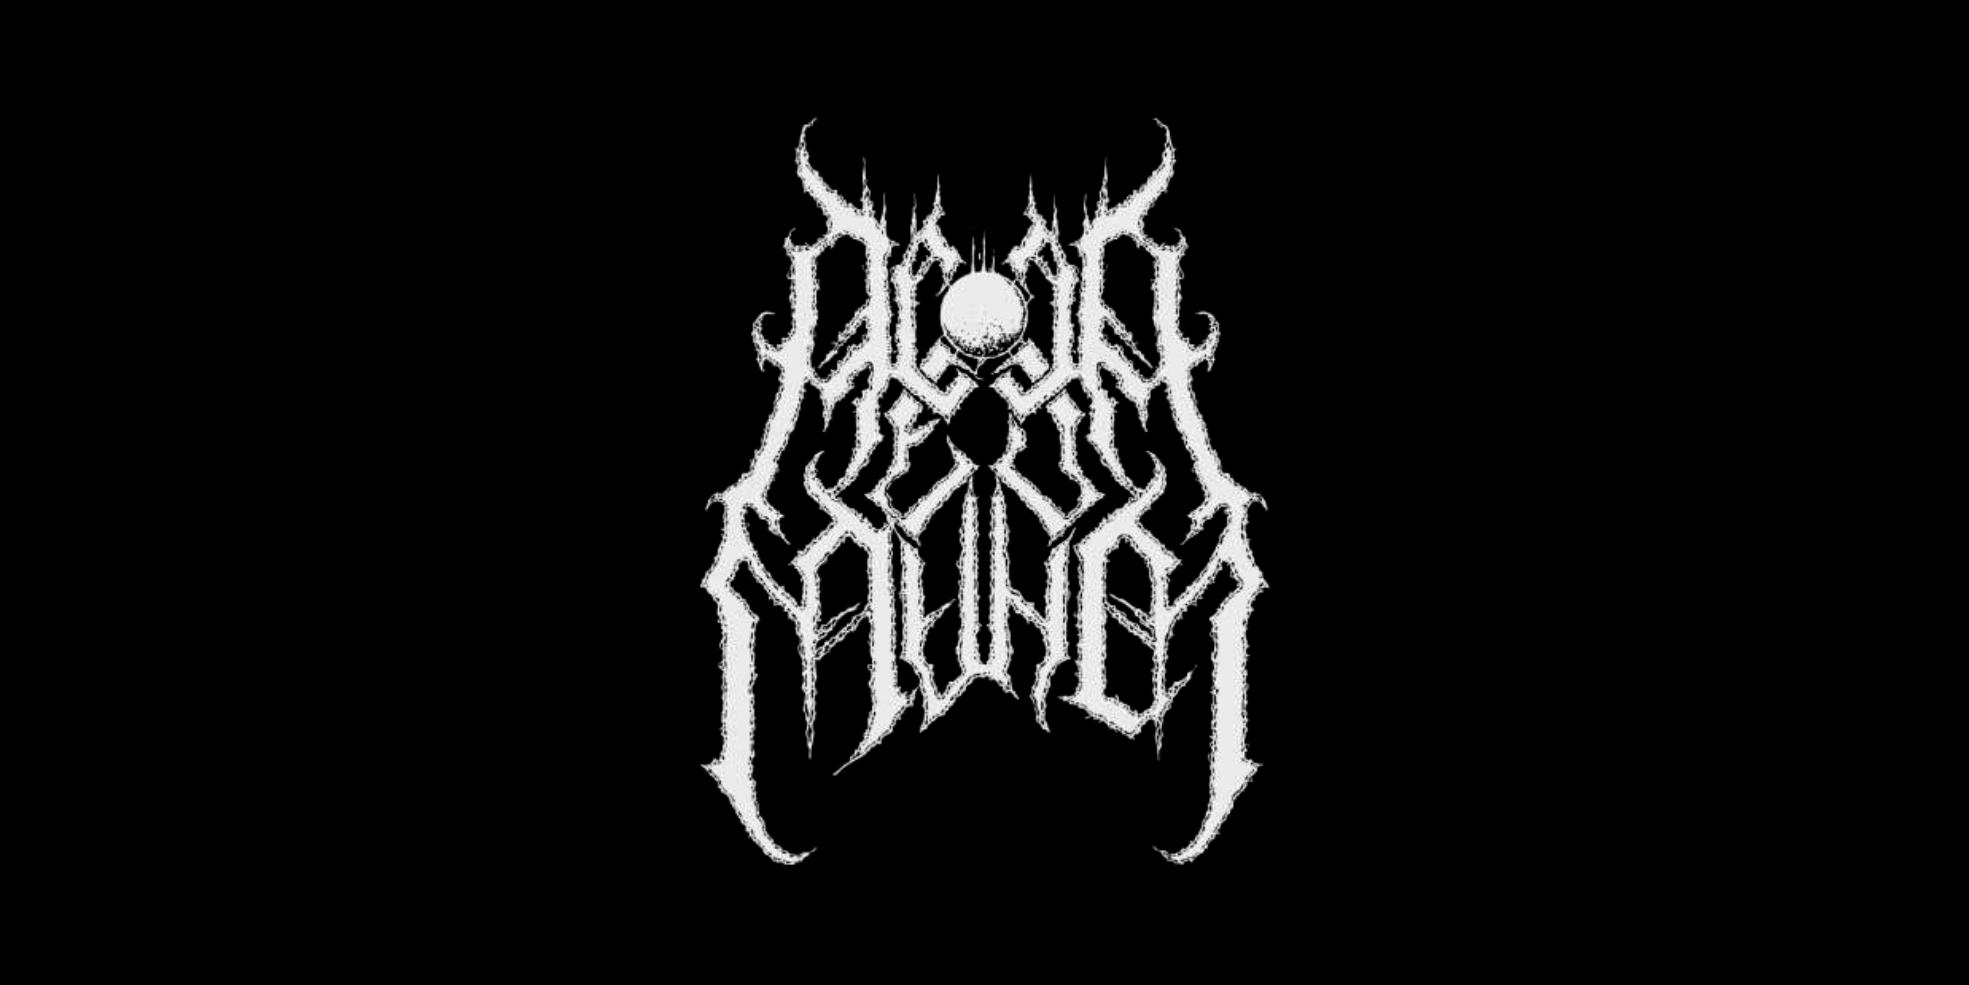 Signature – Acedia Mundi